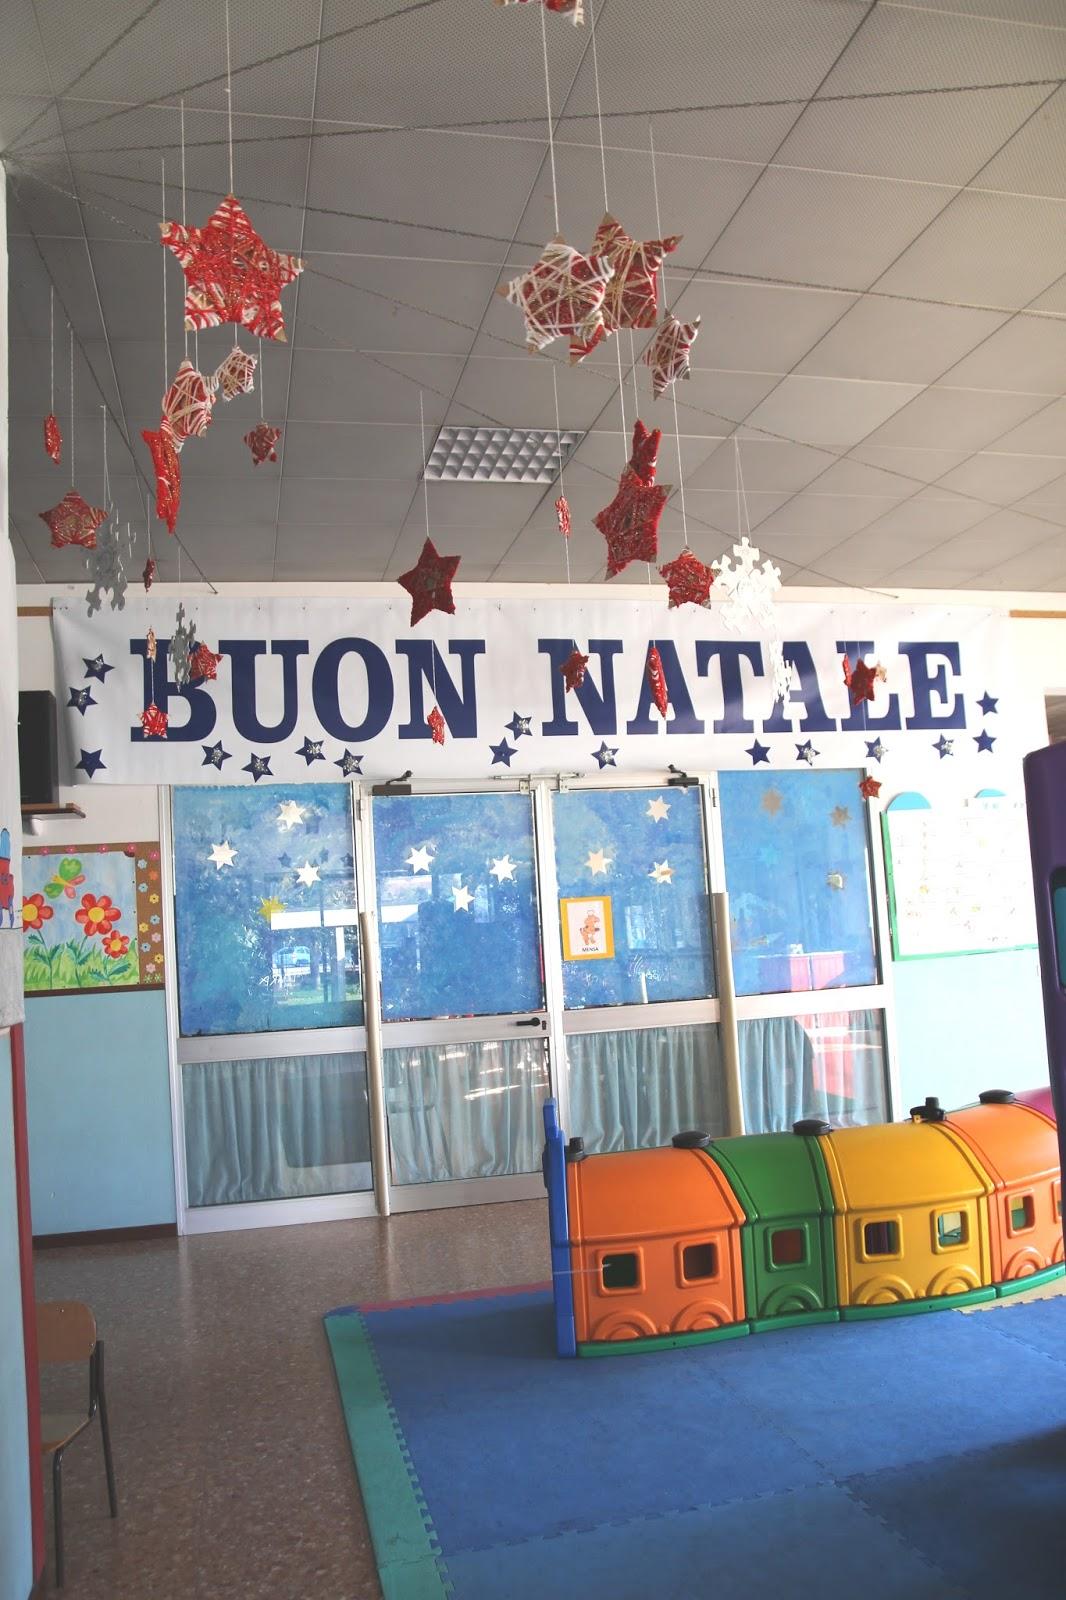 Addobbi natalizi per il salone scuola dell 39 infanzia - Addobbi natalizi per finestre scuola infanzia ...